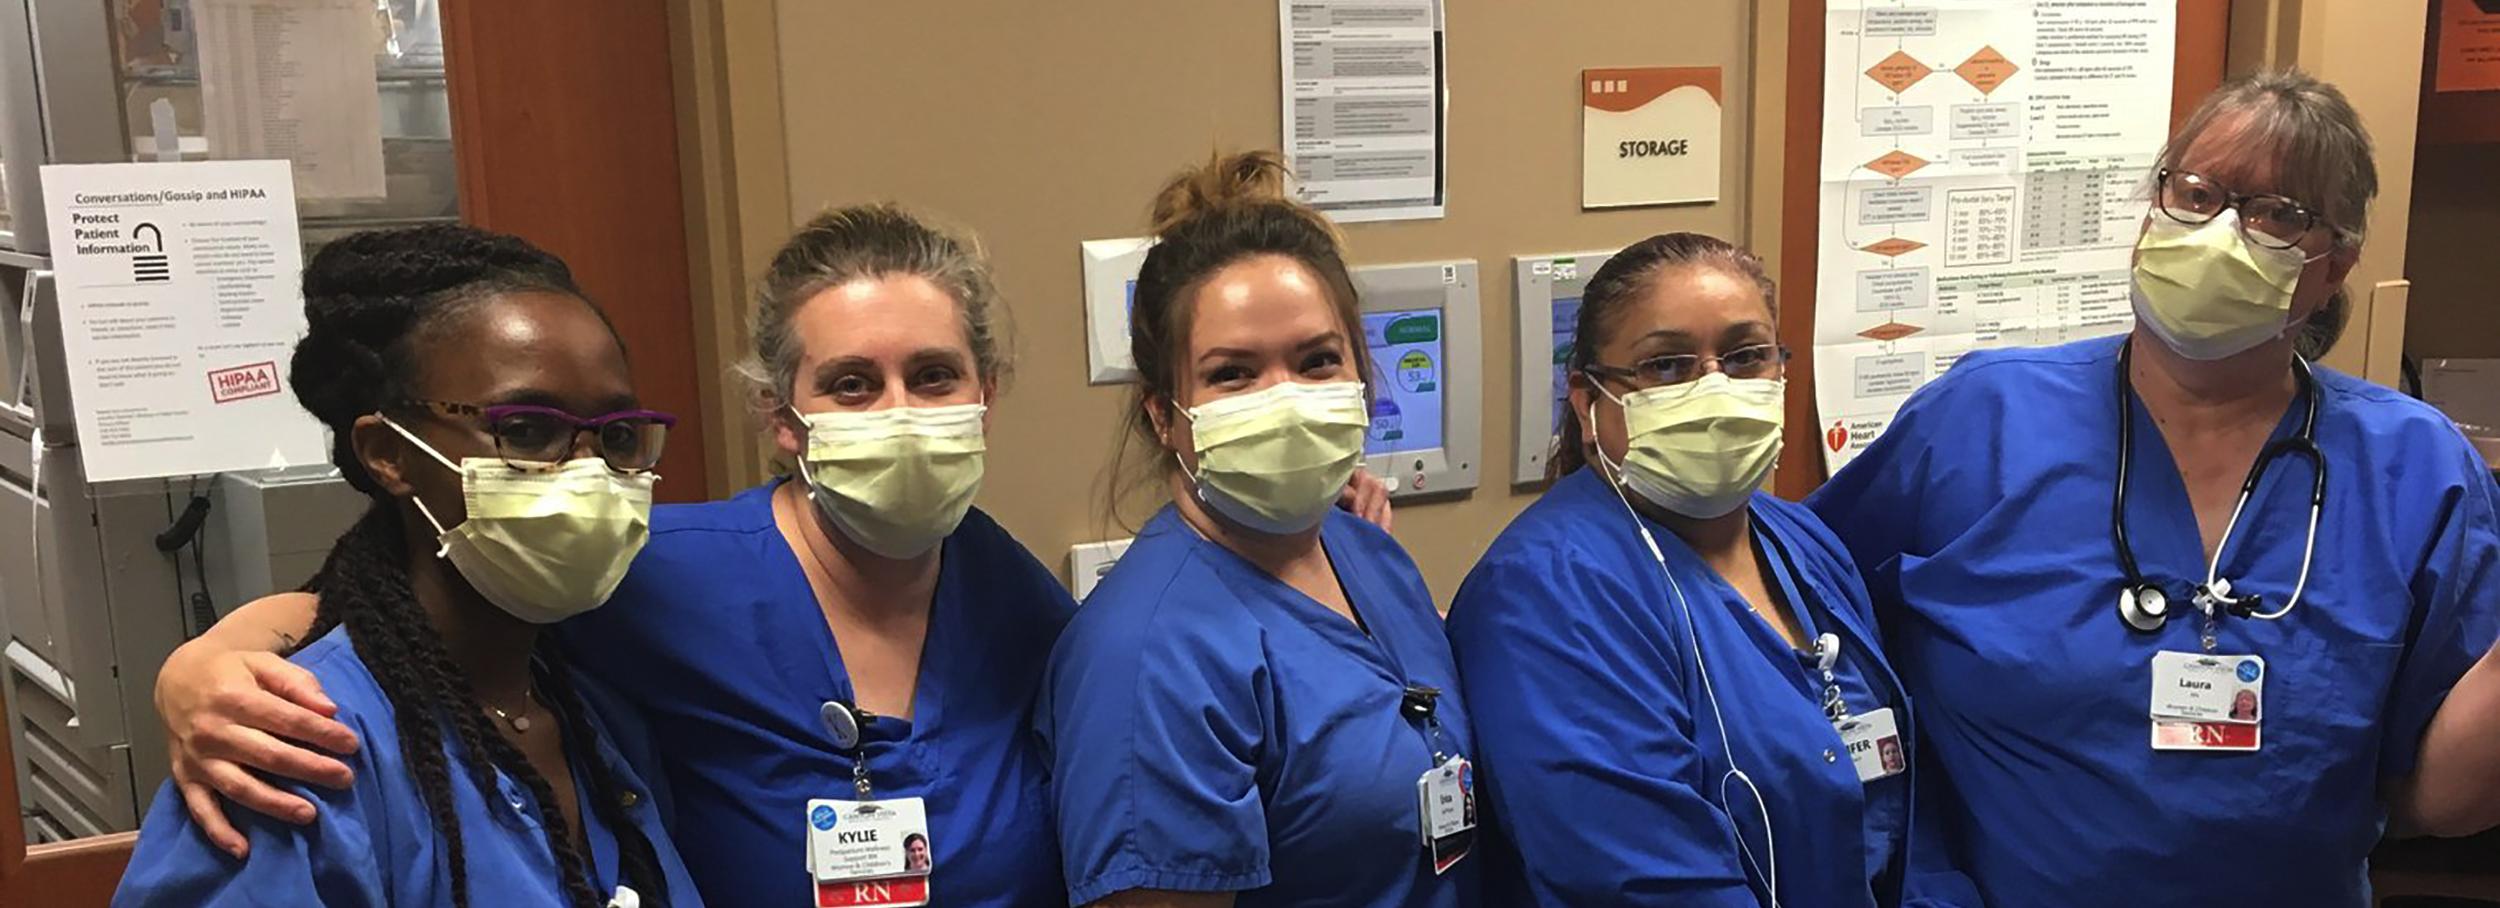 Hospital and healthcare response to the novel coronavirus (COVID-19)